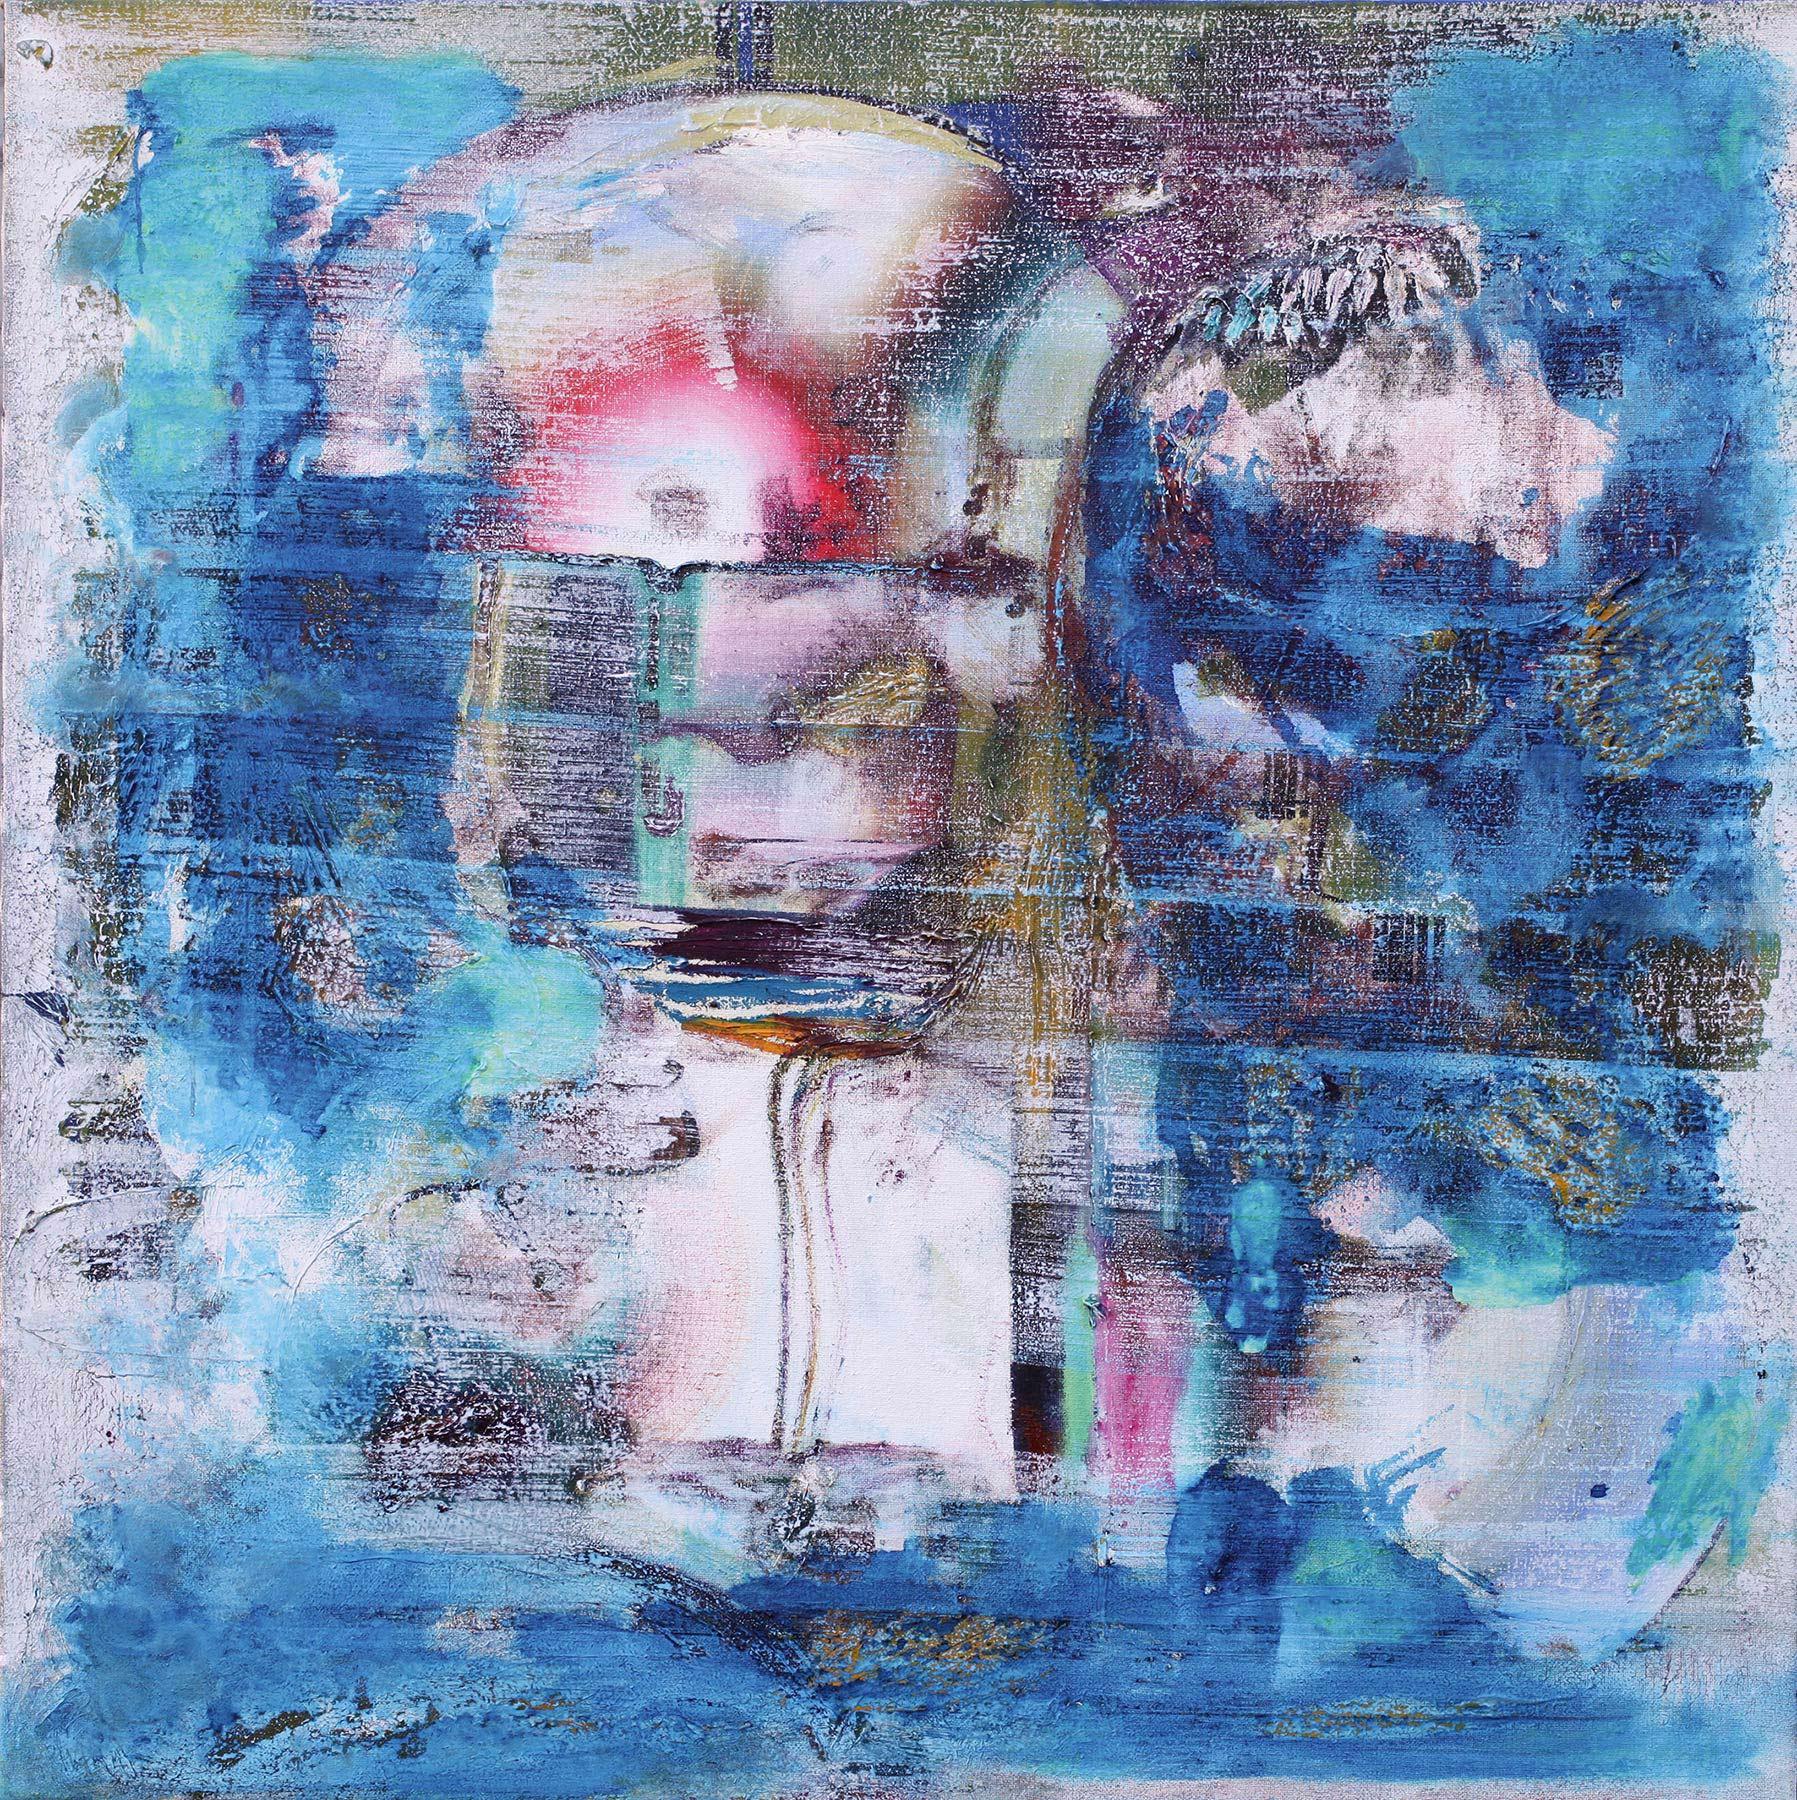 Ungegenständliche Malerei von Ann-Kristin Hamm/ Abstract Painting by Ann-Kristin Hamm